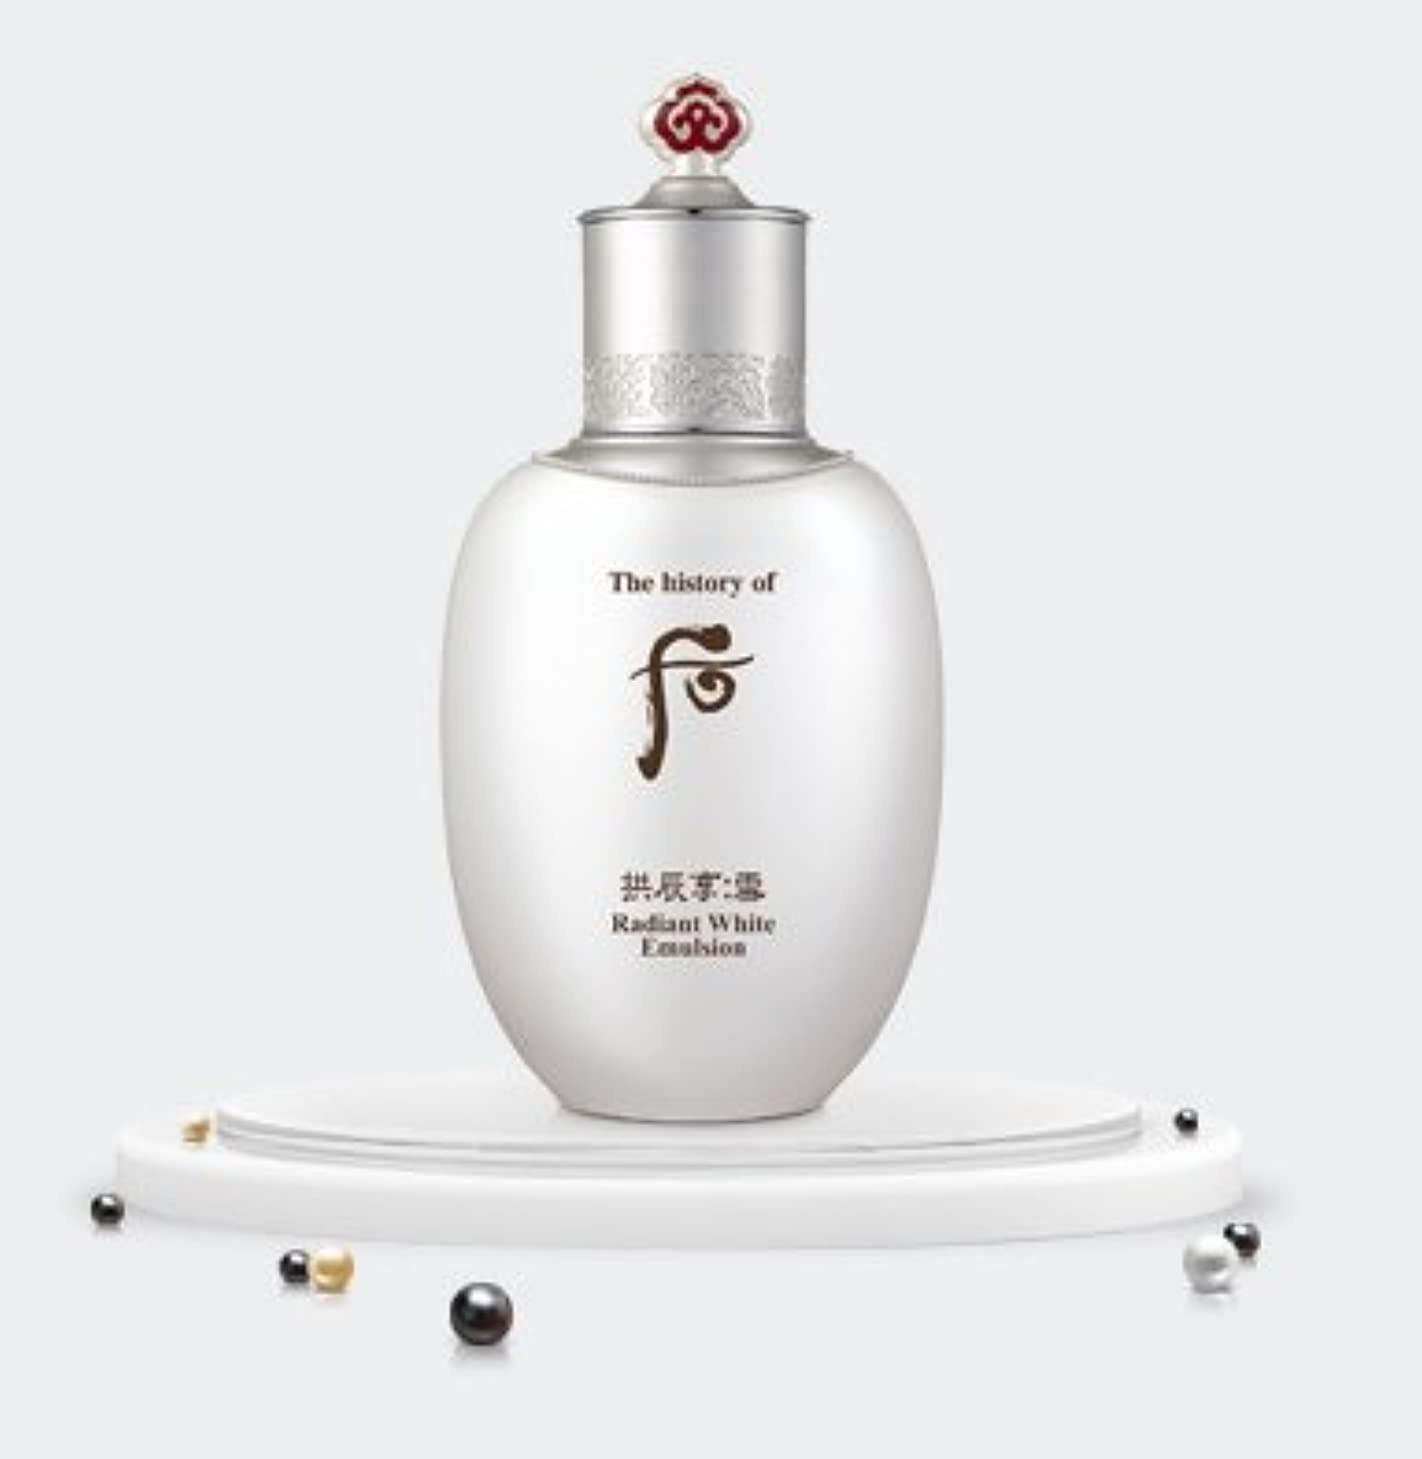 慢単位不規則なThe History of Whoo Gongjinhyang: Seol Whitening Lotion 110ml K-beauty[並行輸入品]